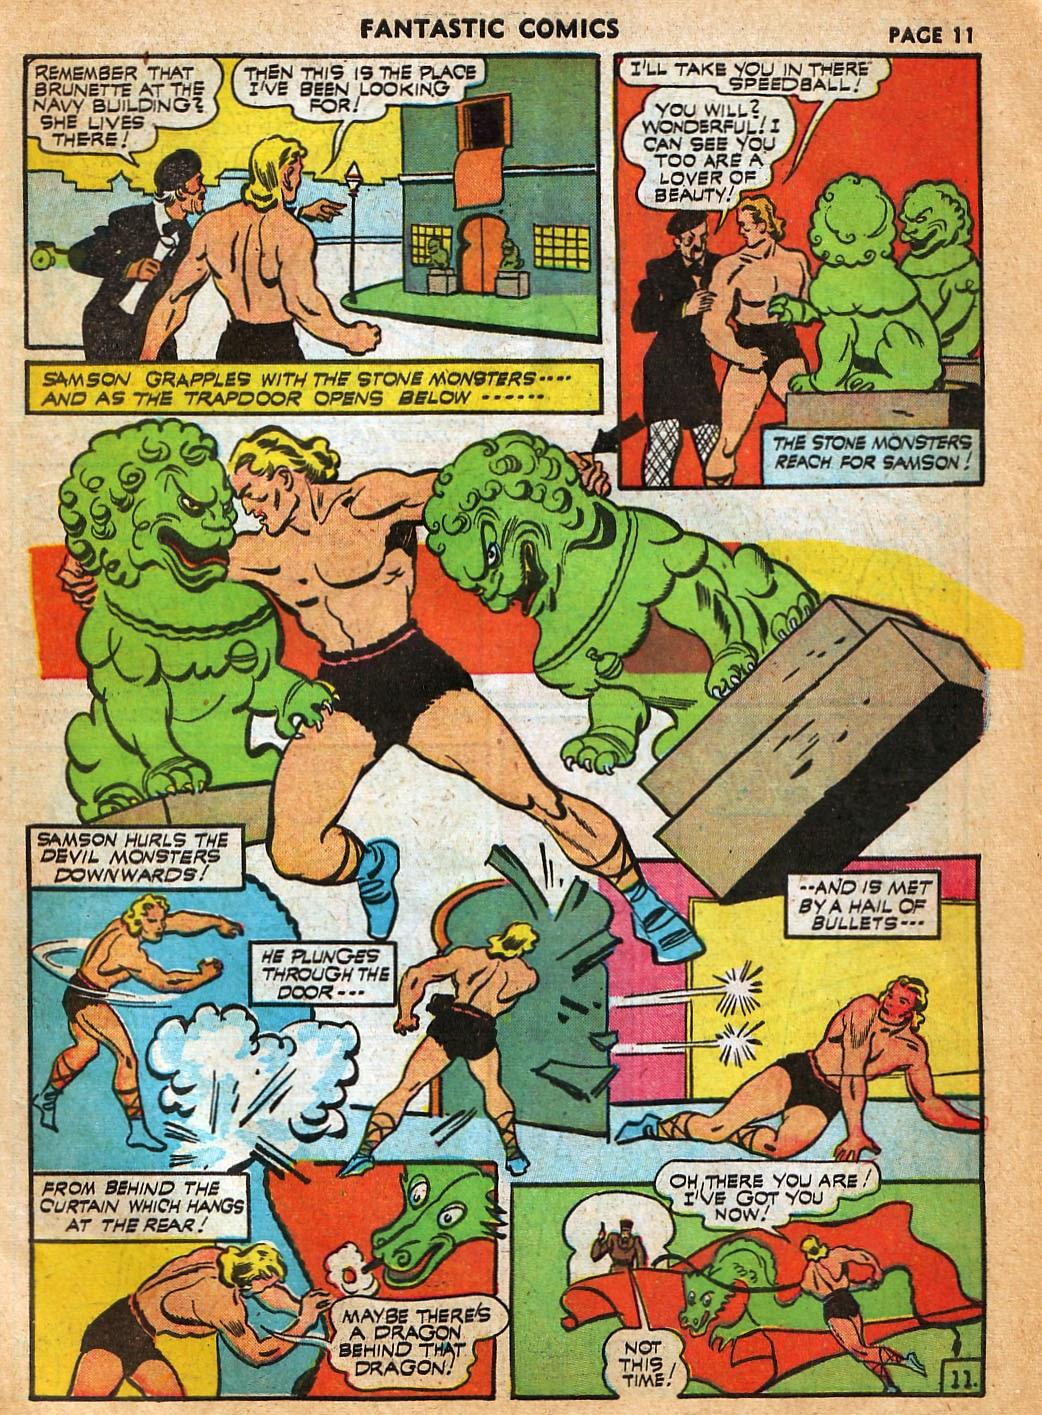 Read online Fantastic Comics comic -  Issue #22 - 13